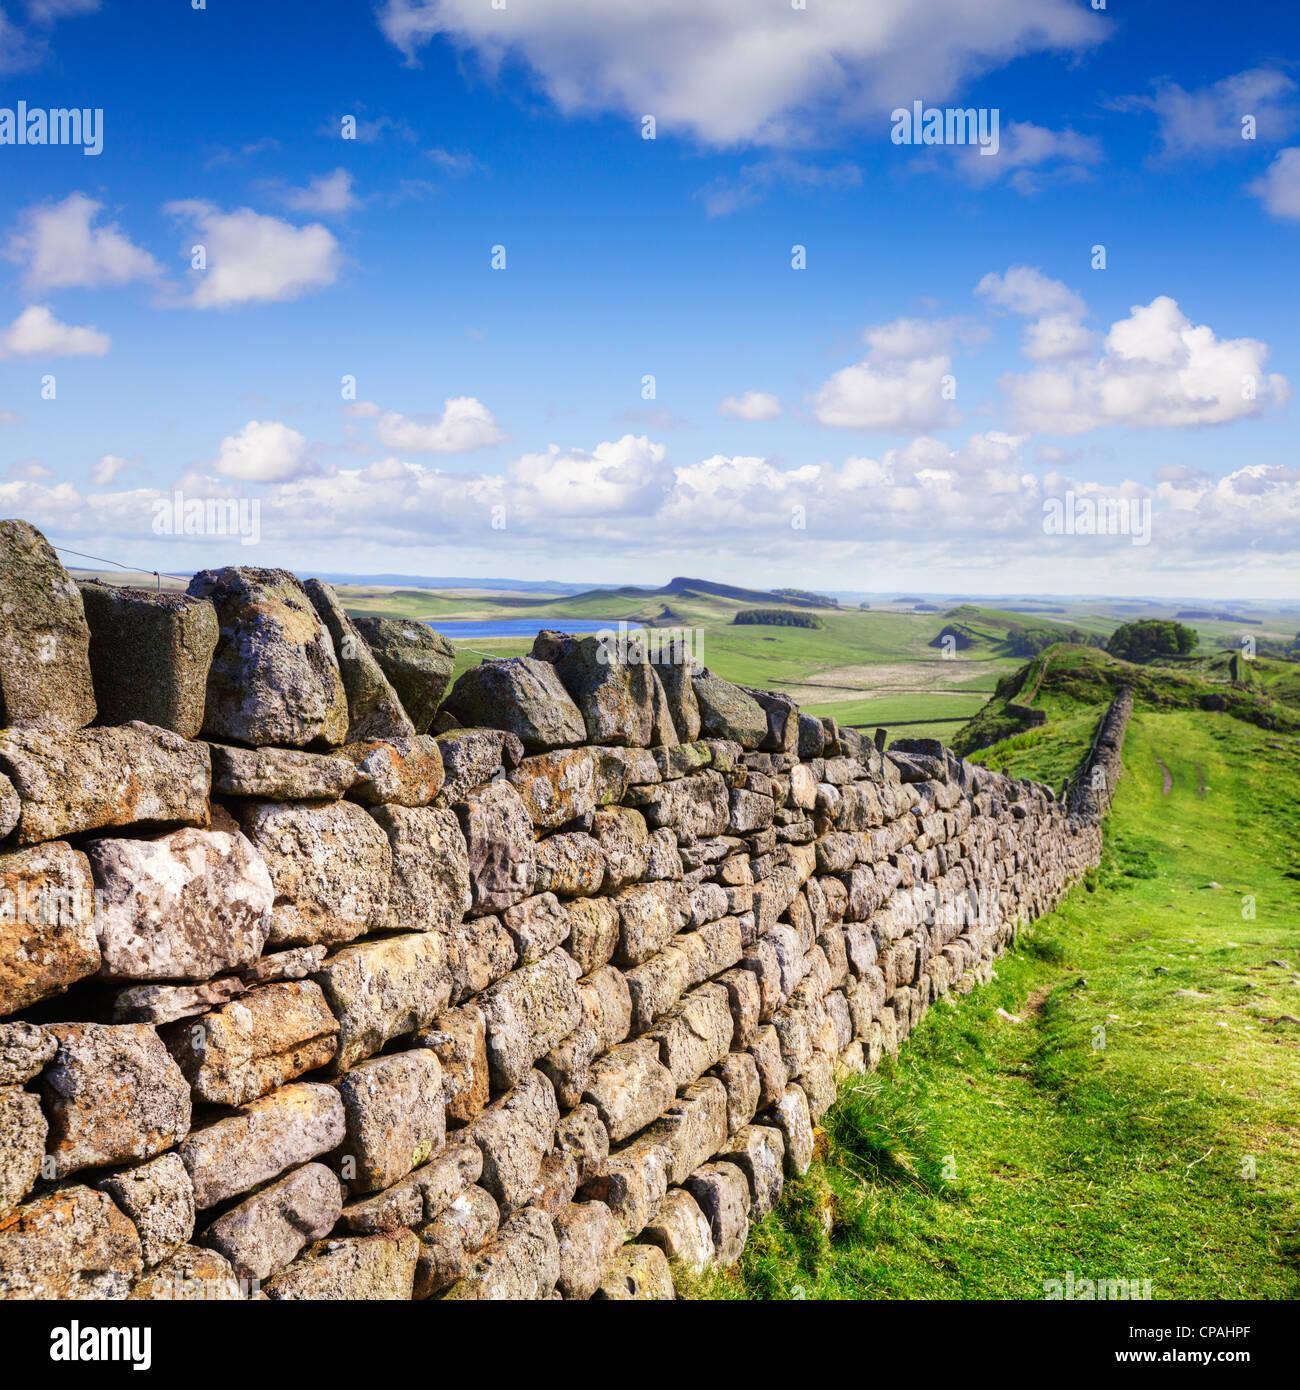 Asciugare la parete di pietra che eseguono lo stesso corso come il vallo di Adriano in Northumberland. Immagini Stock